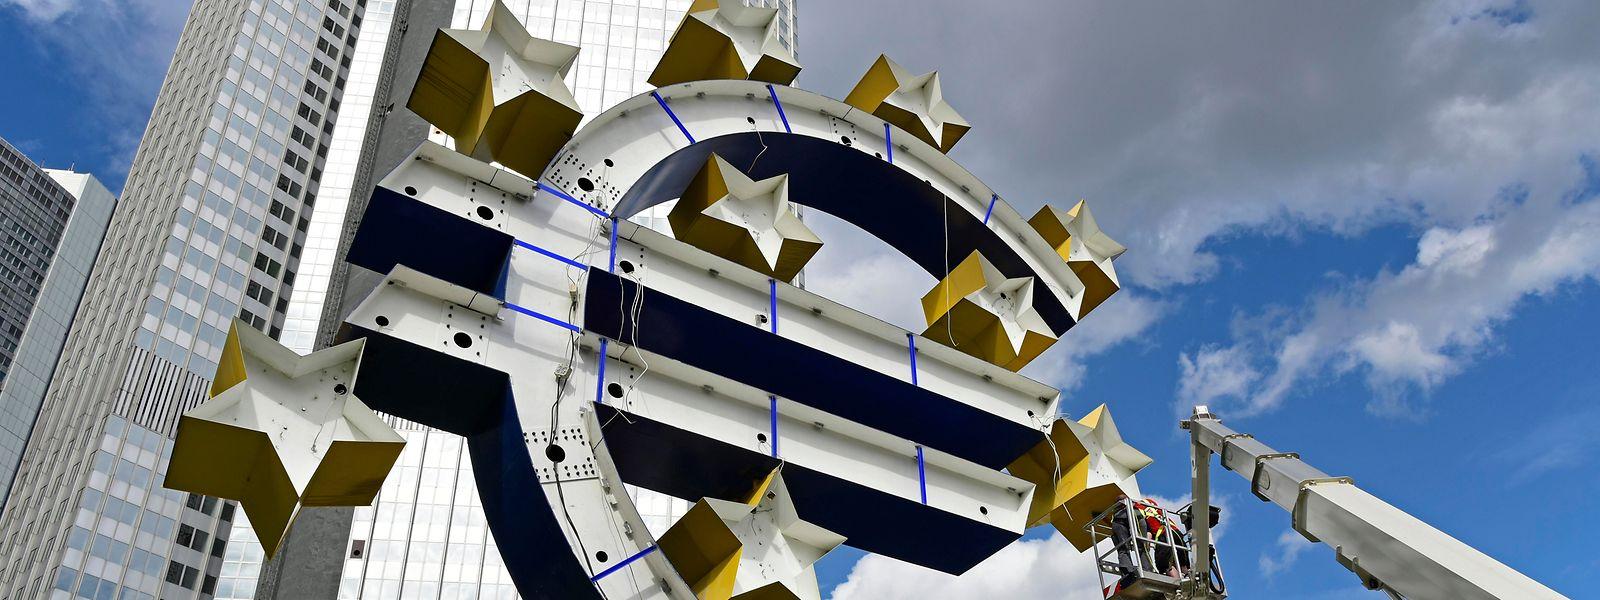 Pour la BCE, l'explosion de la dette au sein des pays de la zone euro pourrait faire resurgir le risque d'éclatement de cette entité regroupant 19 des 27 Etats de l'UE.